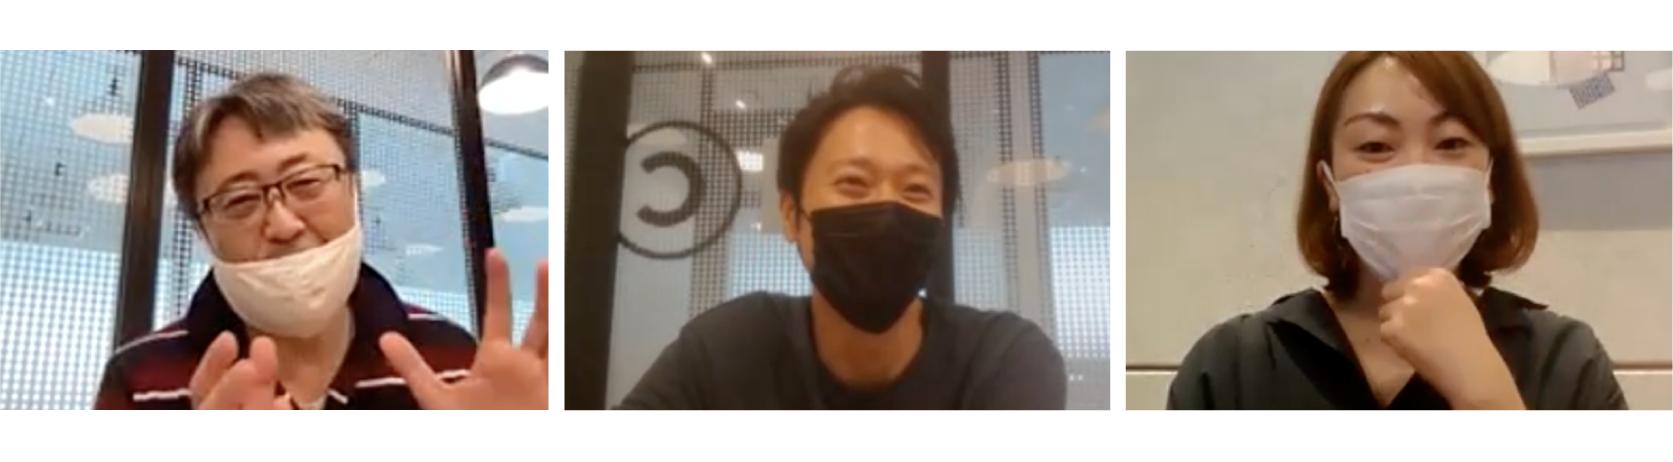 プレゼン製作所×DNP 松嶋亮平 内山まり